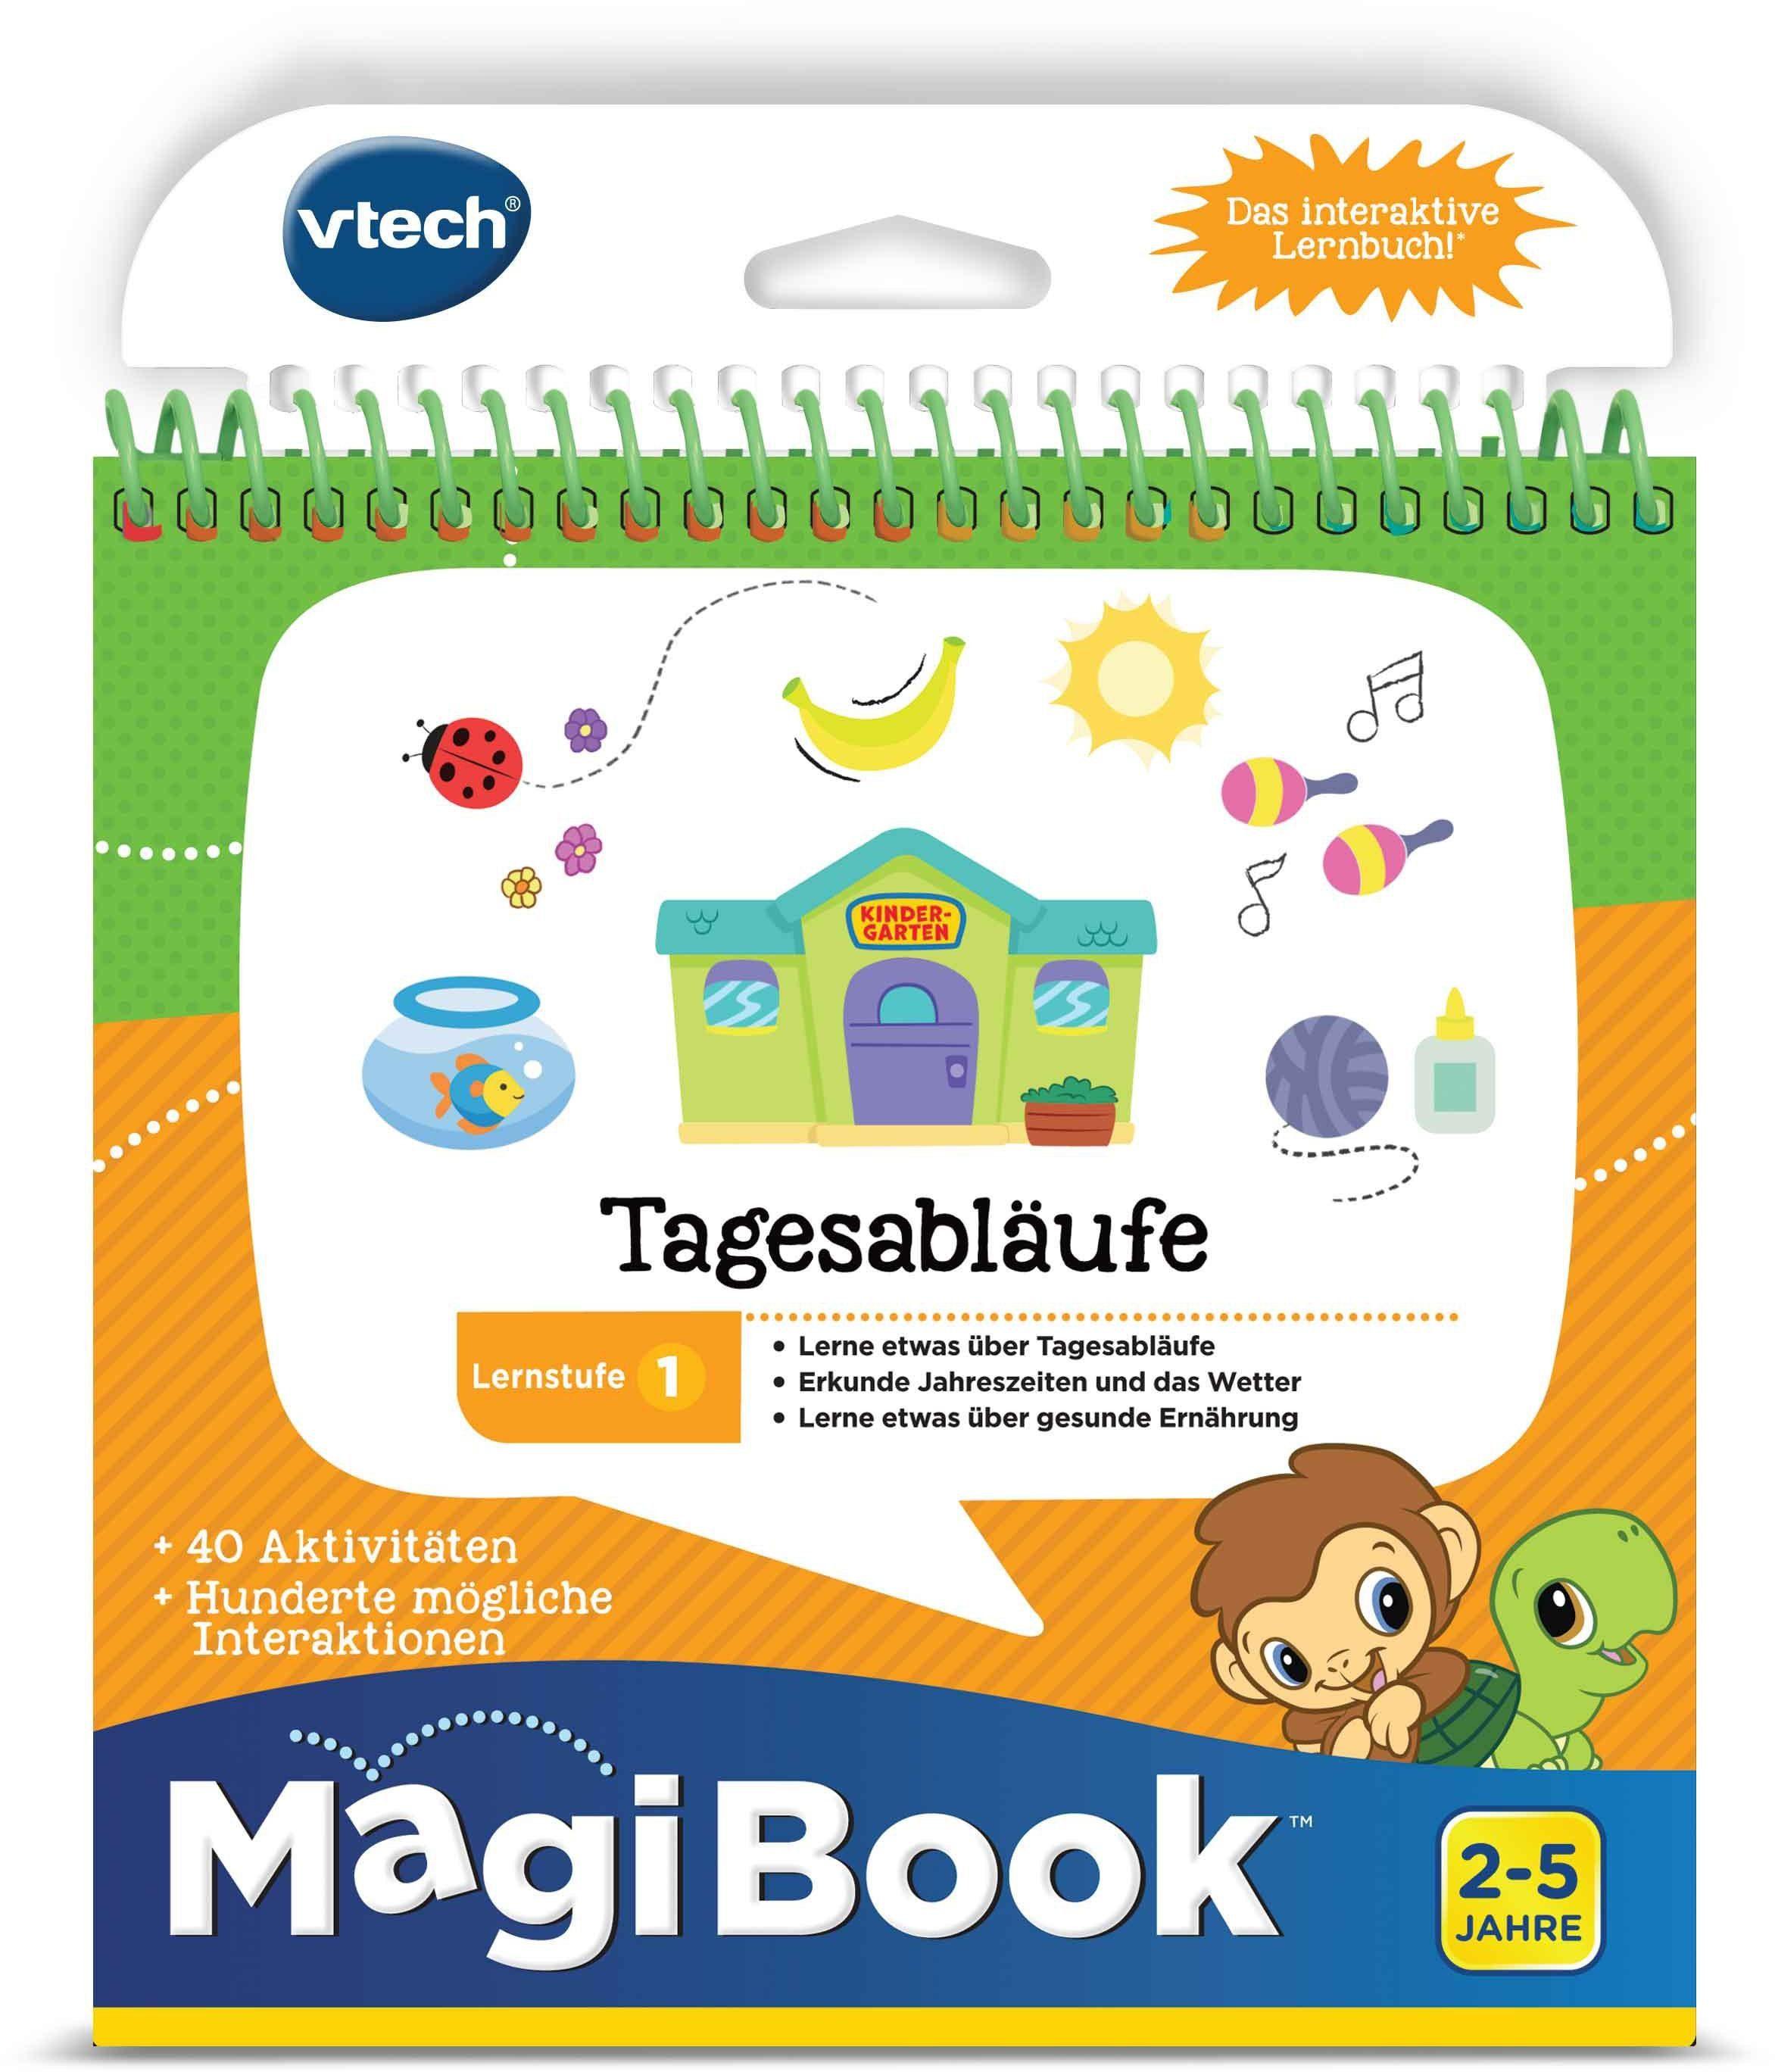 VTech Lernbuch für MagiBook, »Lernstufe 1 -Tagesabläufe«